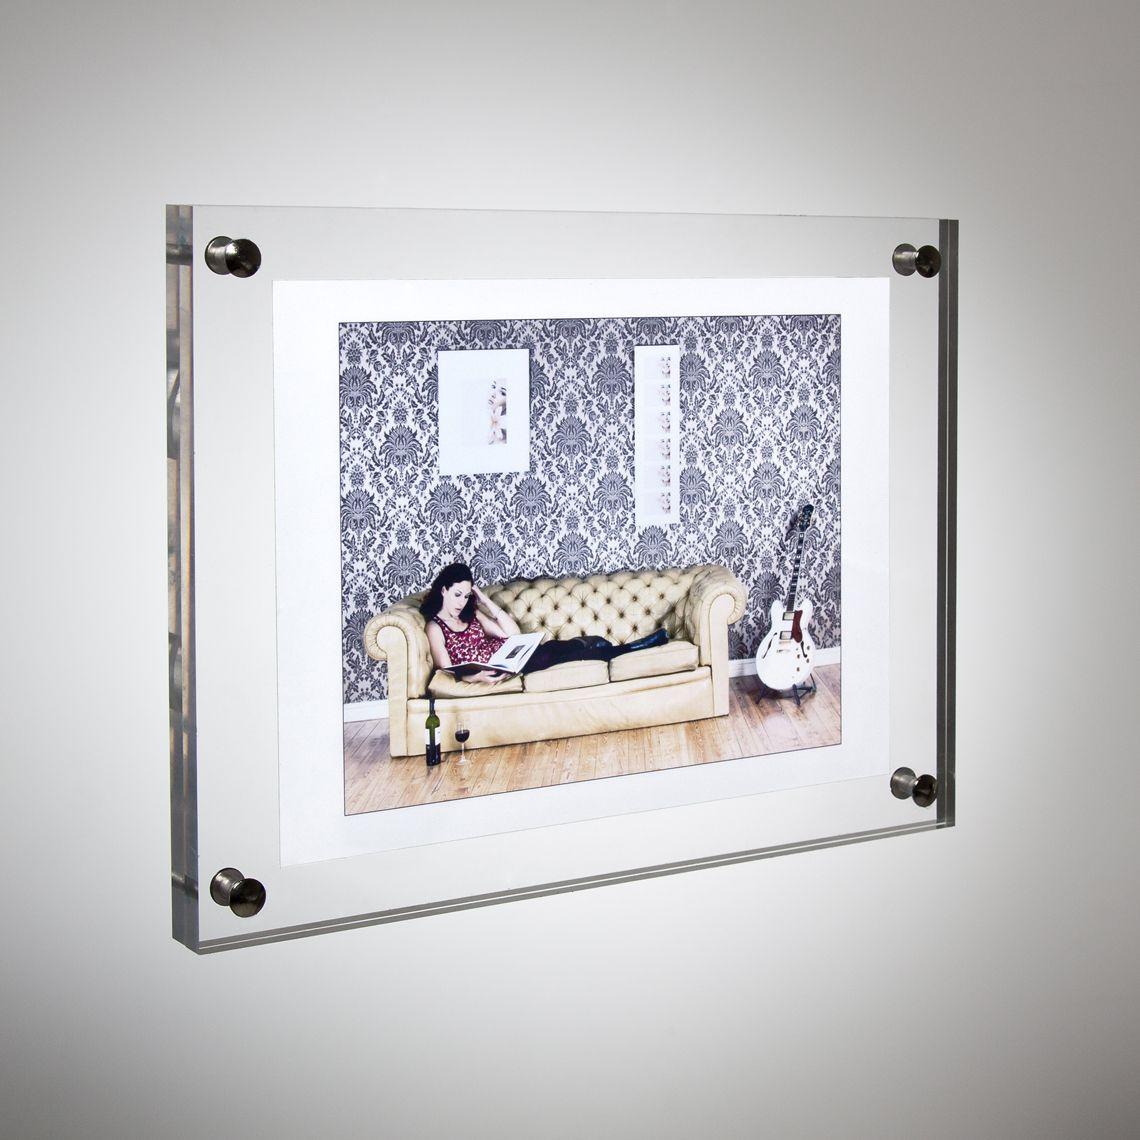 Panoramic Image Holder | Ass 2 Living room | Pinterest | Frame ...